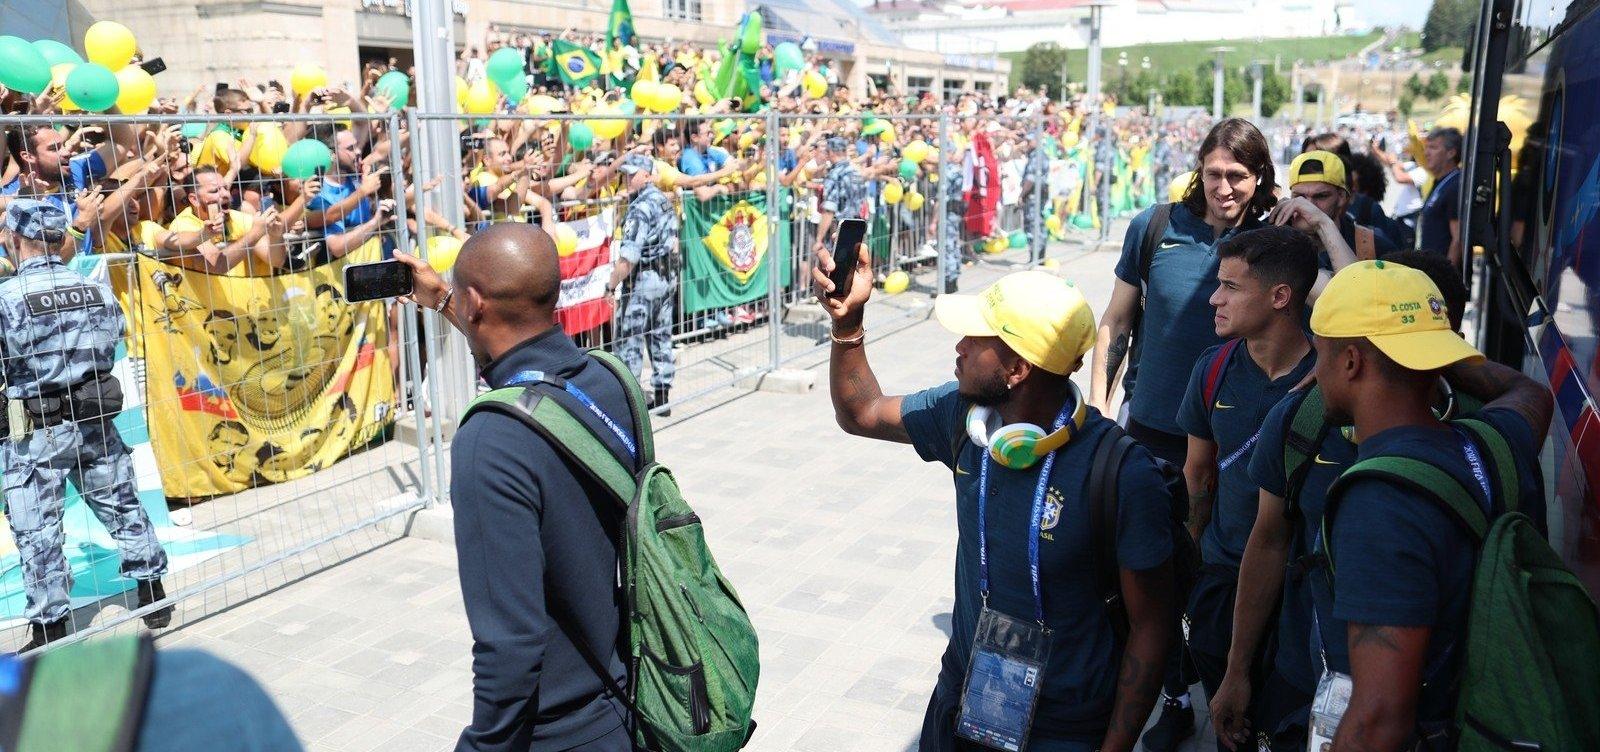 [Seleção Brasileira chega a Kazan para jogo contra a Bélgica]